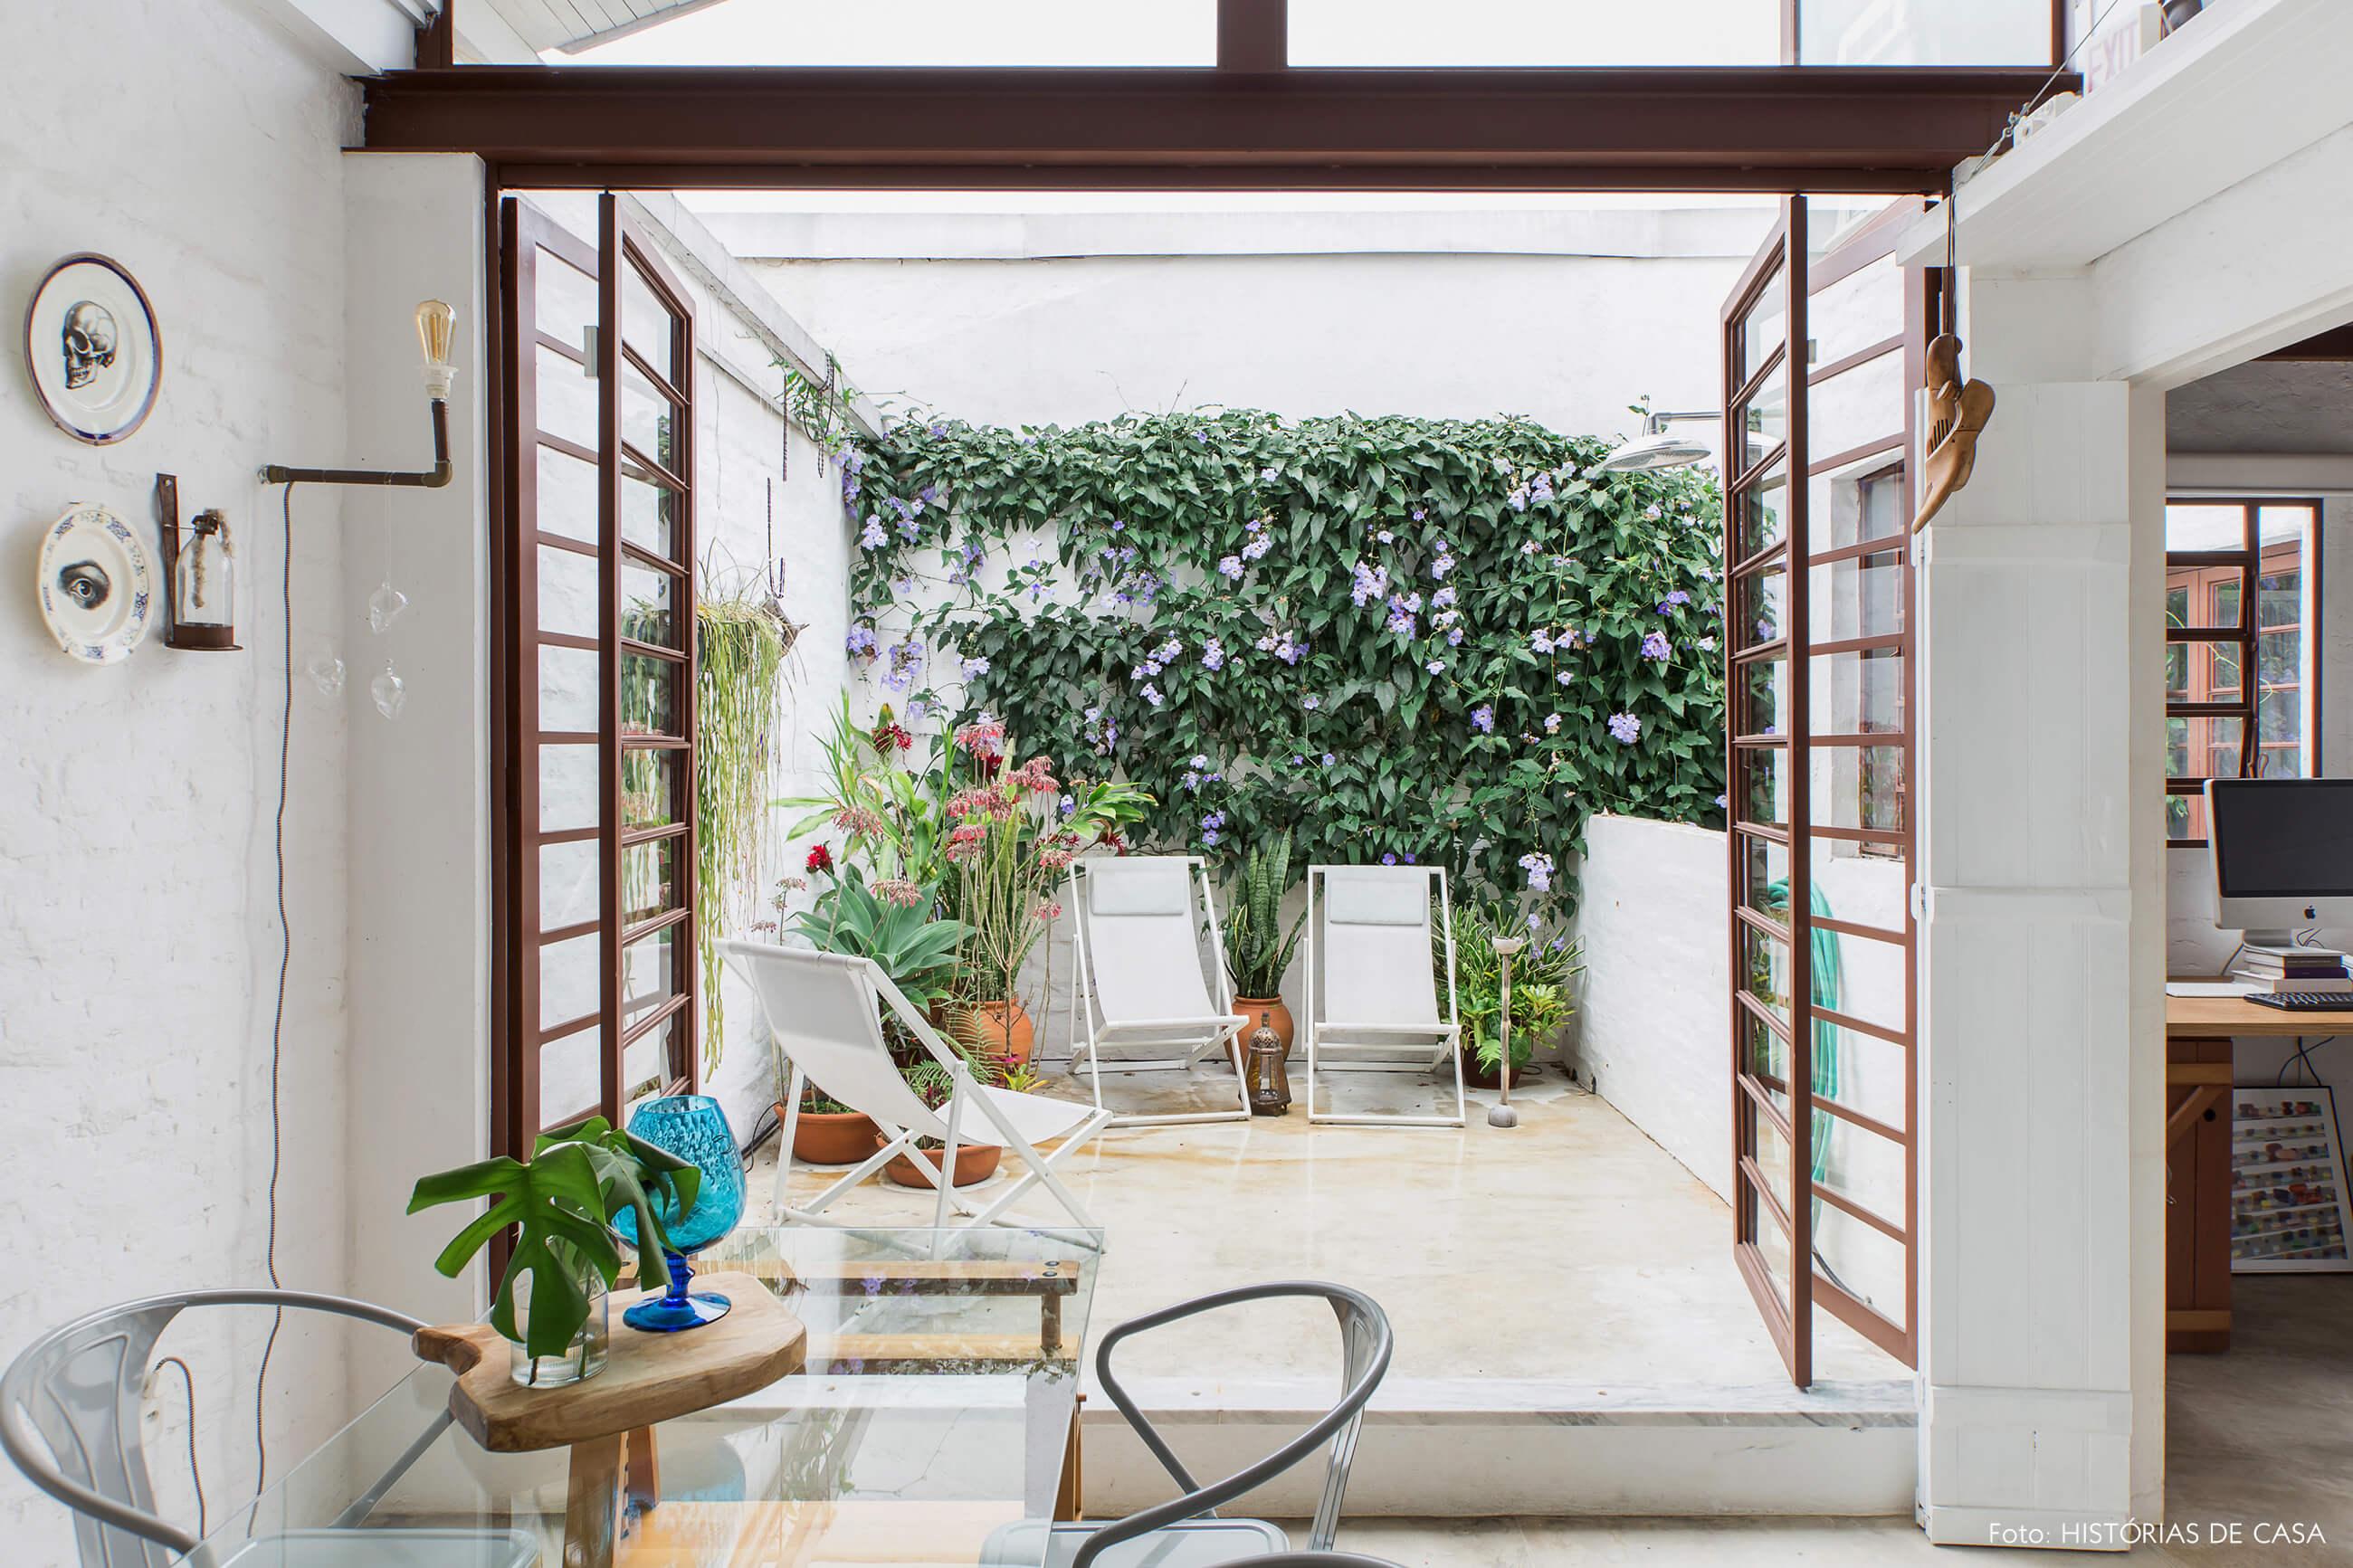 Cozinha com terraço integrado